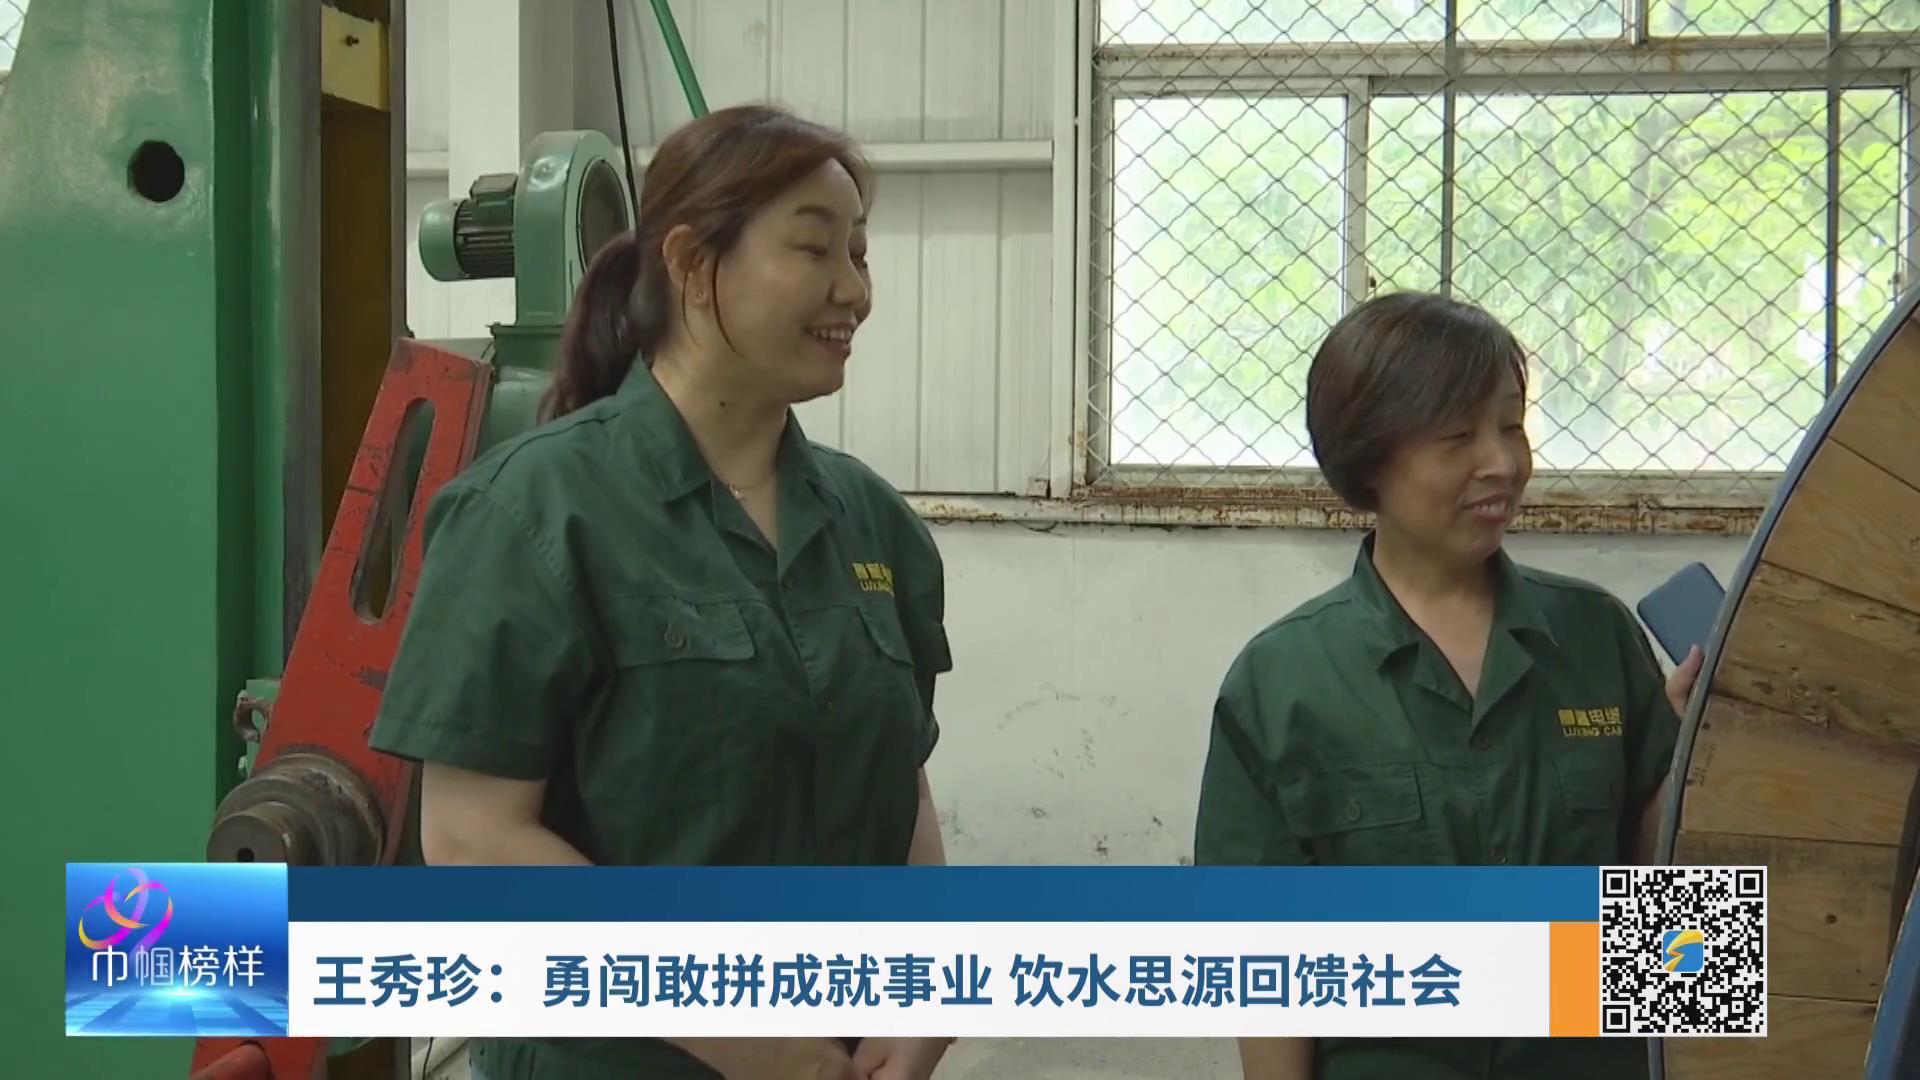 王秀珍:勇闯敢拼成就事业 饮水思源回馈社会